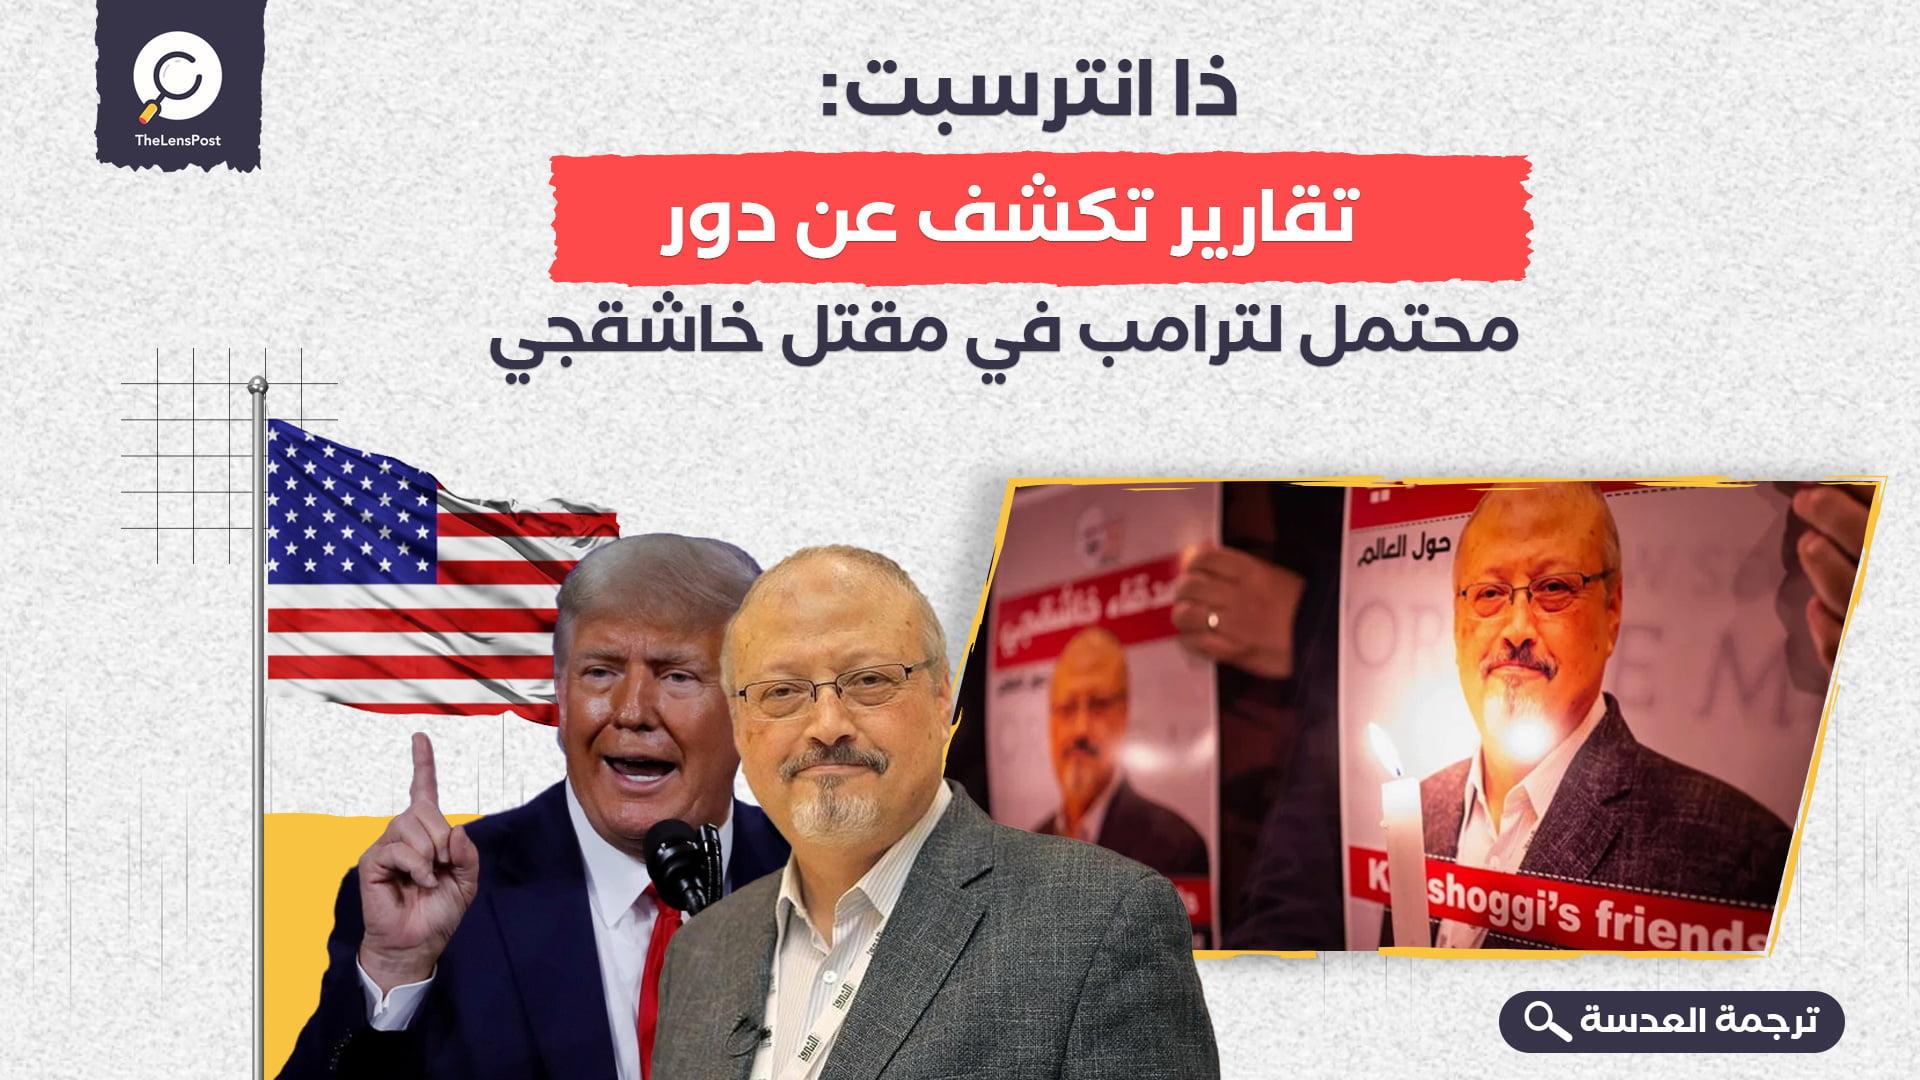 ذا انترسبت: تقارير تكشف عن دور محتمل لترامب في مقتل خاشقجي